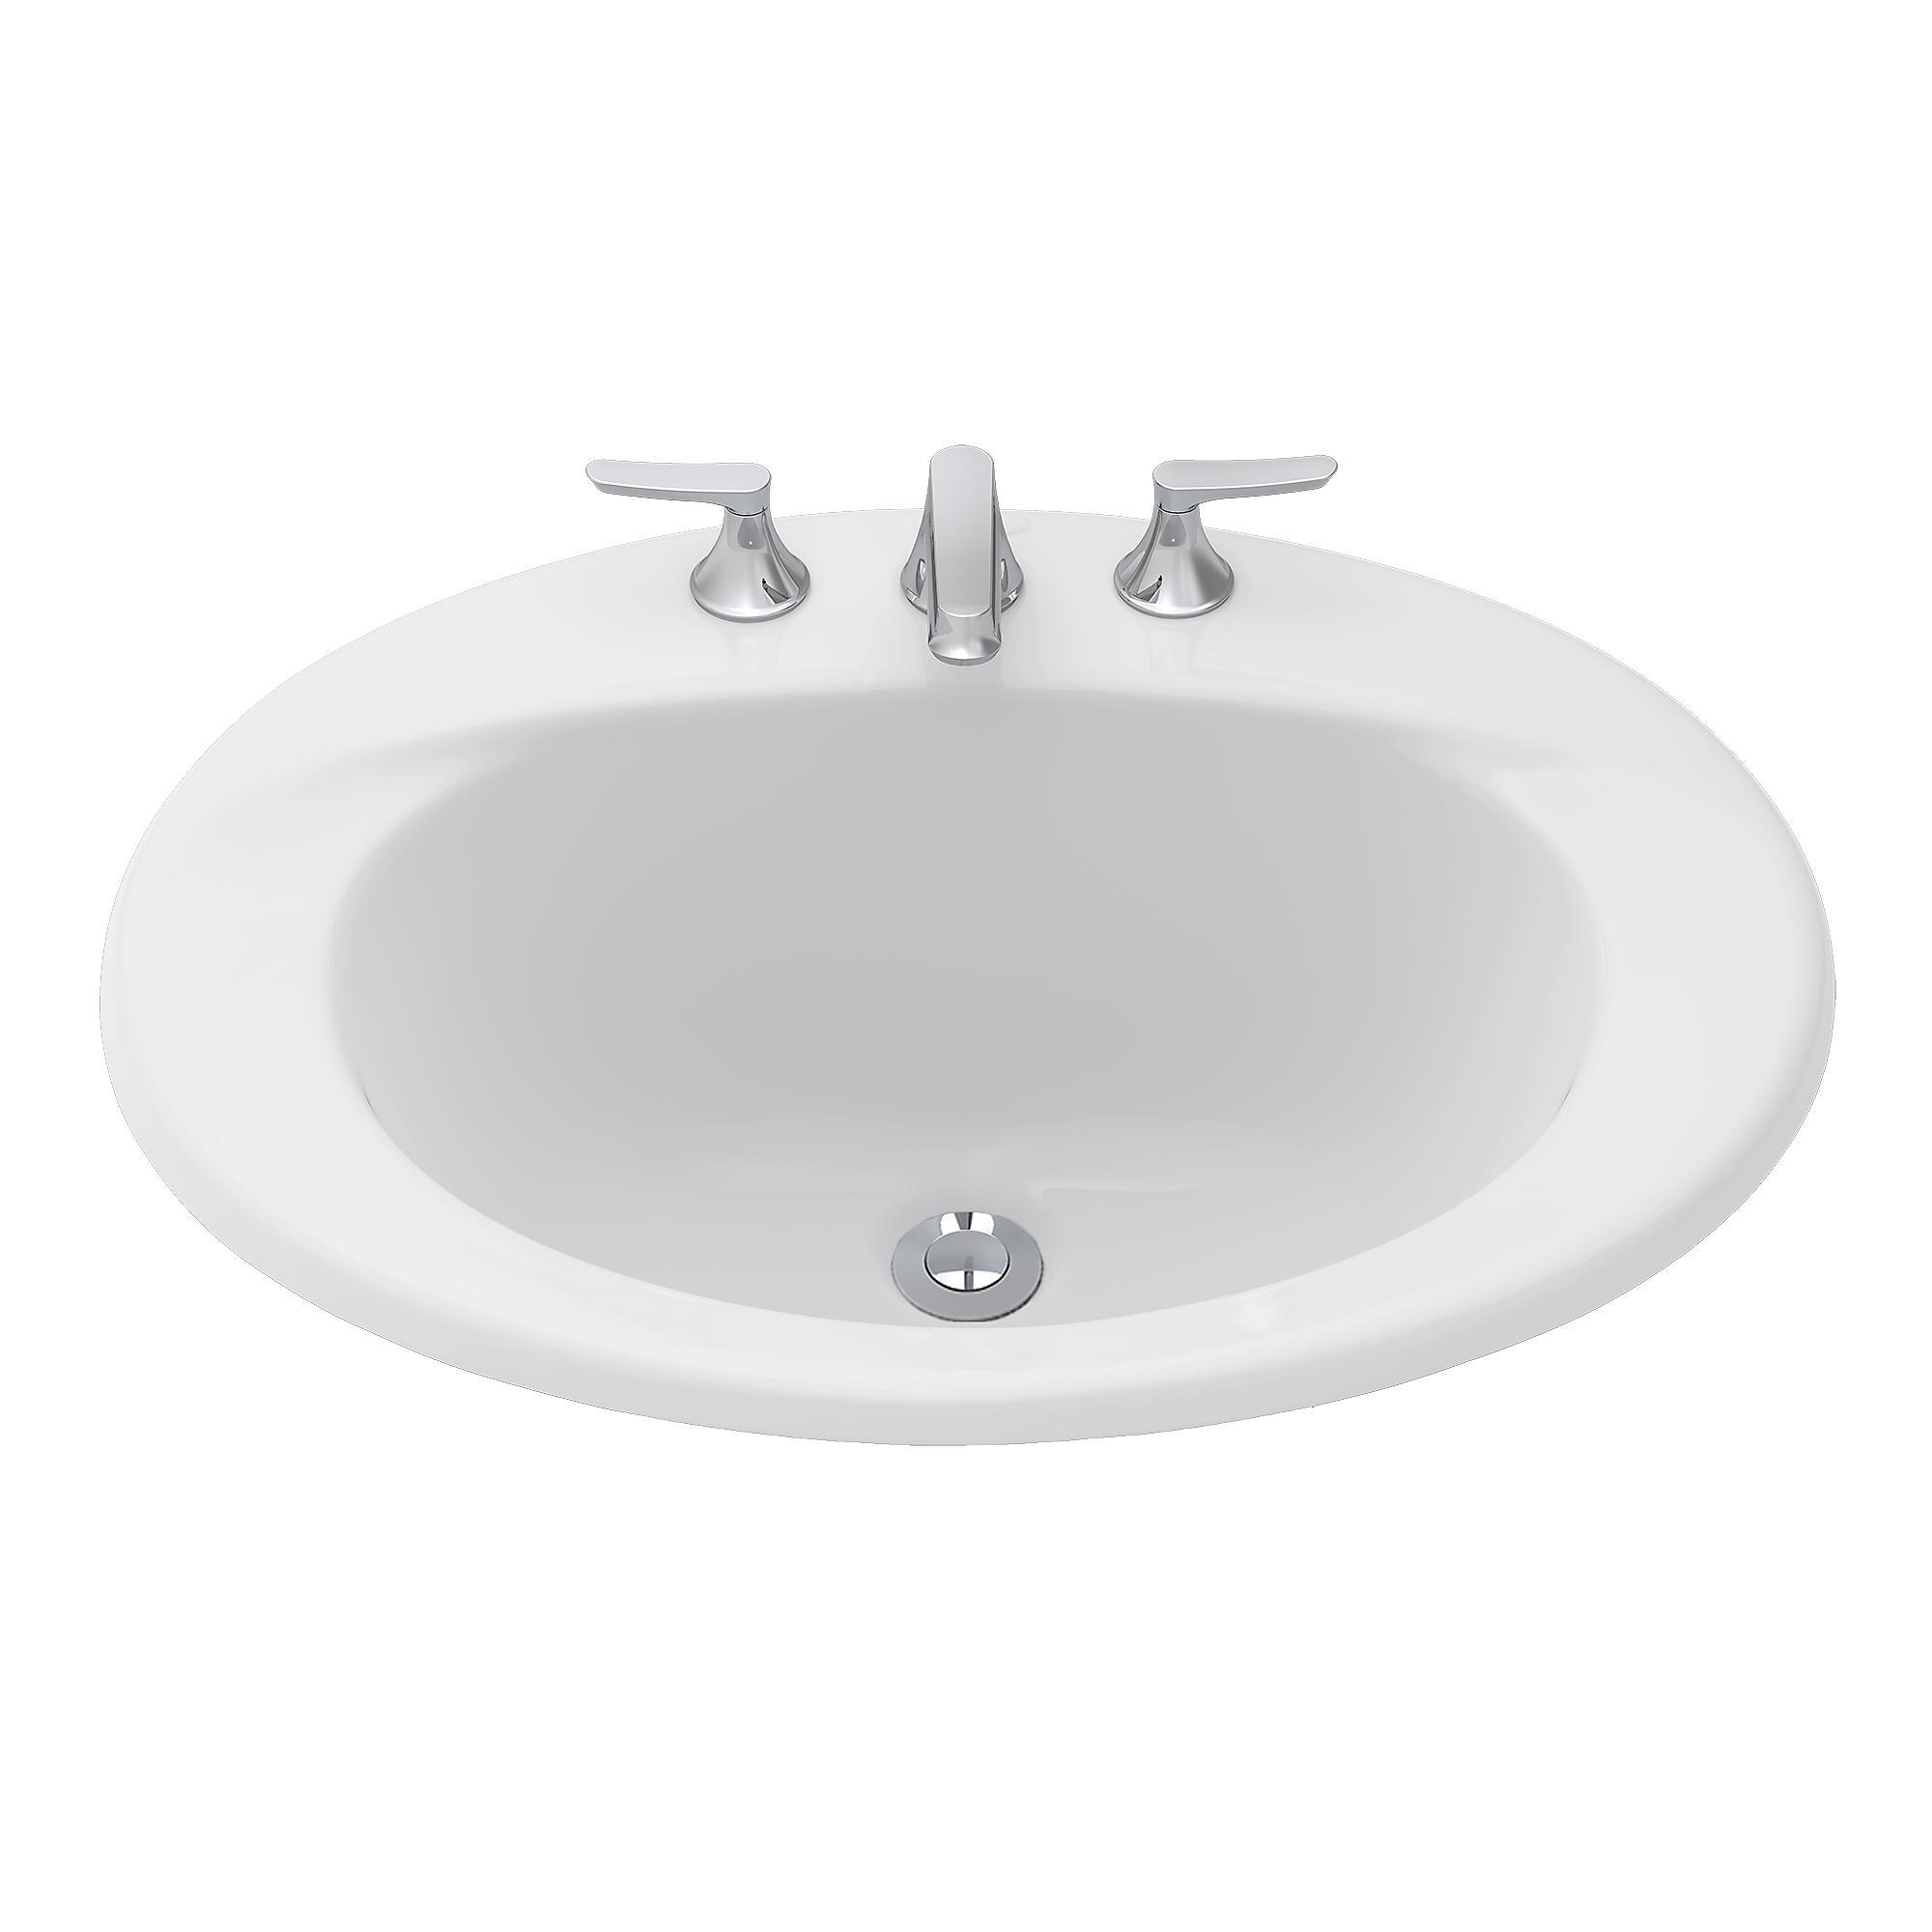 Lt511g 11 supreme  self rimming lavatory 0